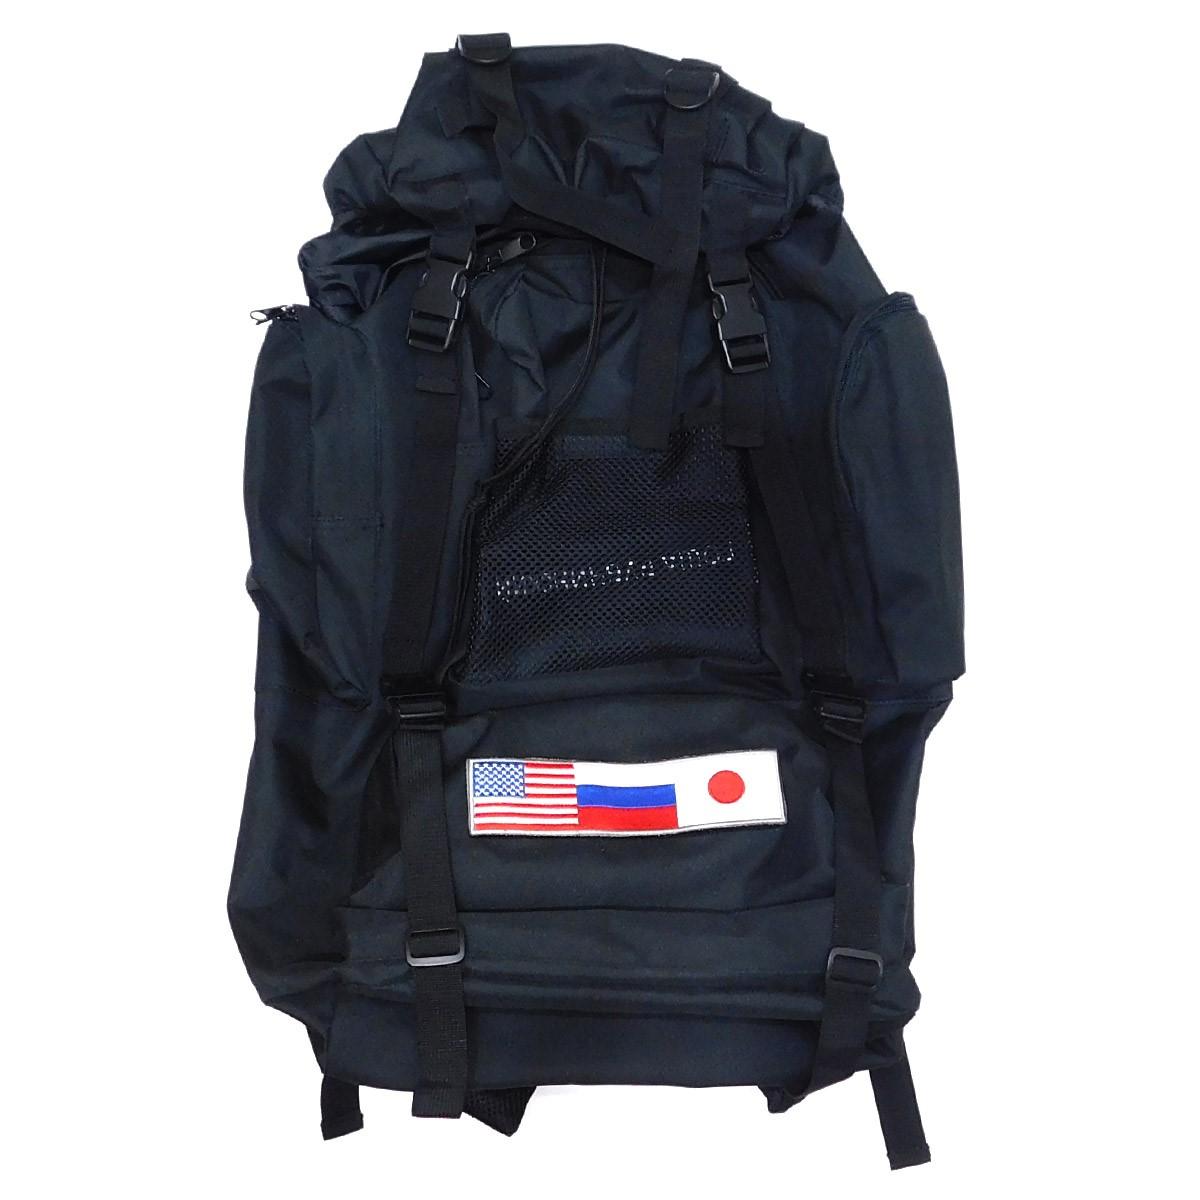 【中古】Gosha Rubchinskiy Medium Backpack バックパック ブラック 【250820】(ゴーシャラブチンスキー)